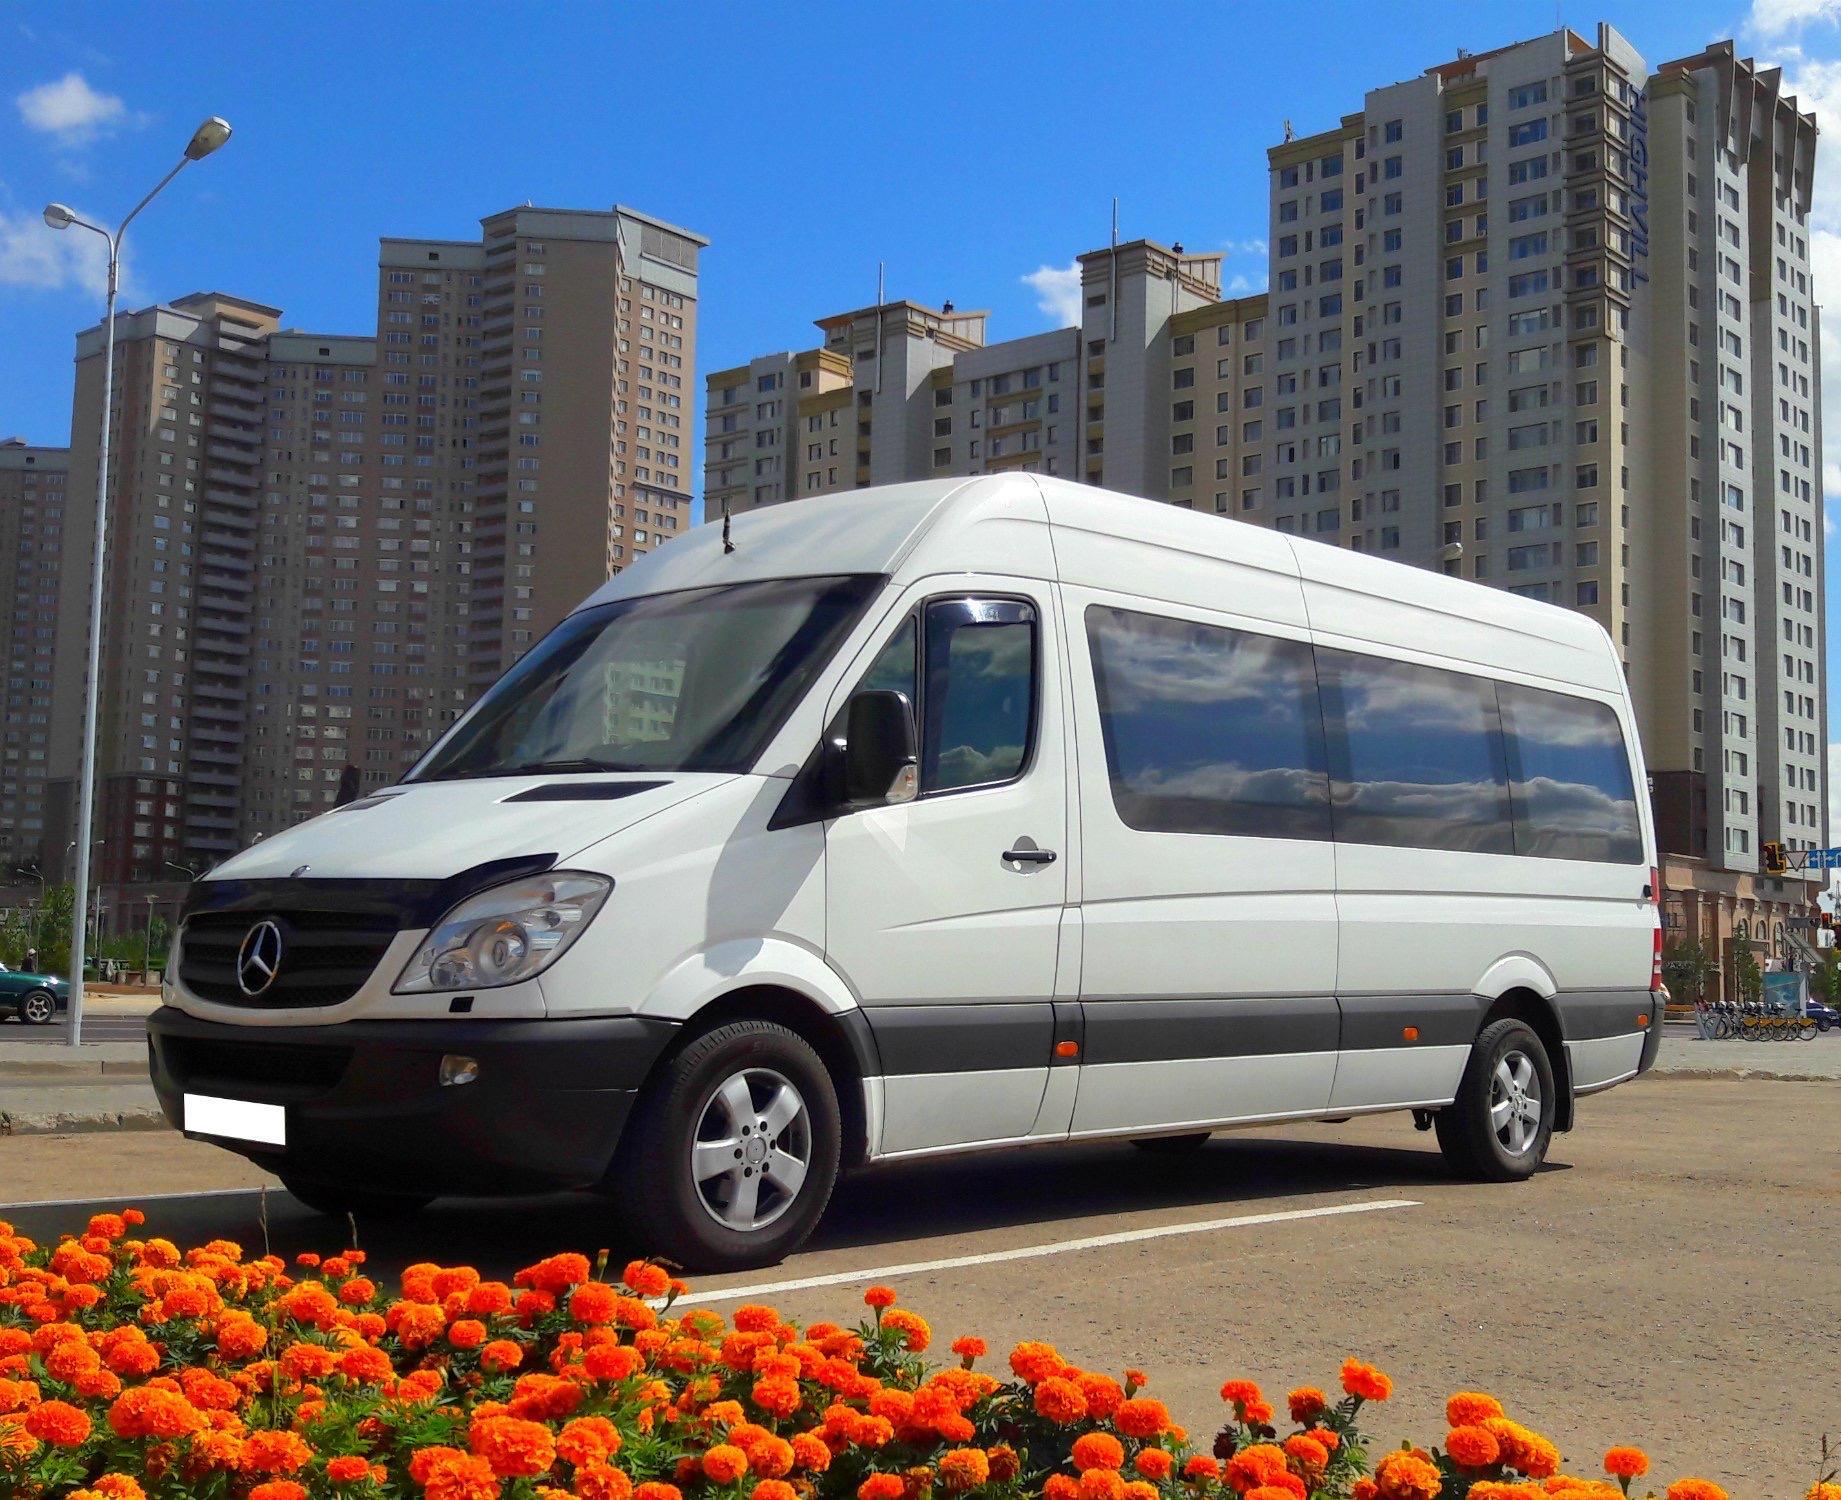 Пассажирские перевозки в городе пенза конкурс на осуществление пассажирских перевозок ставрополь